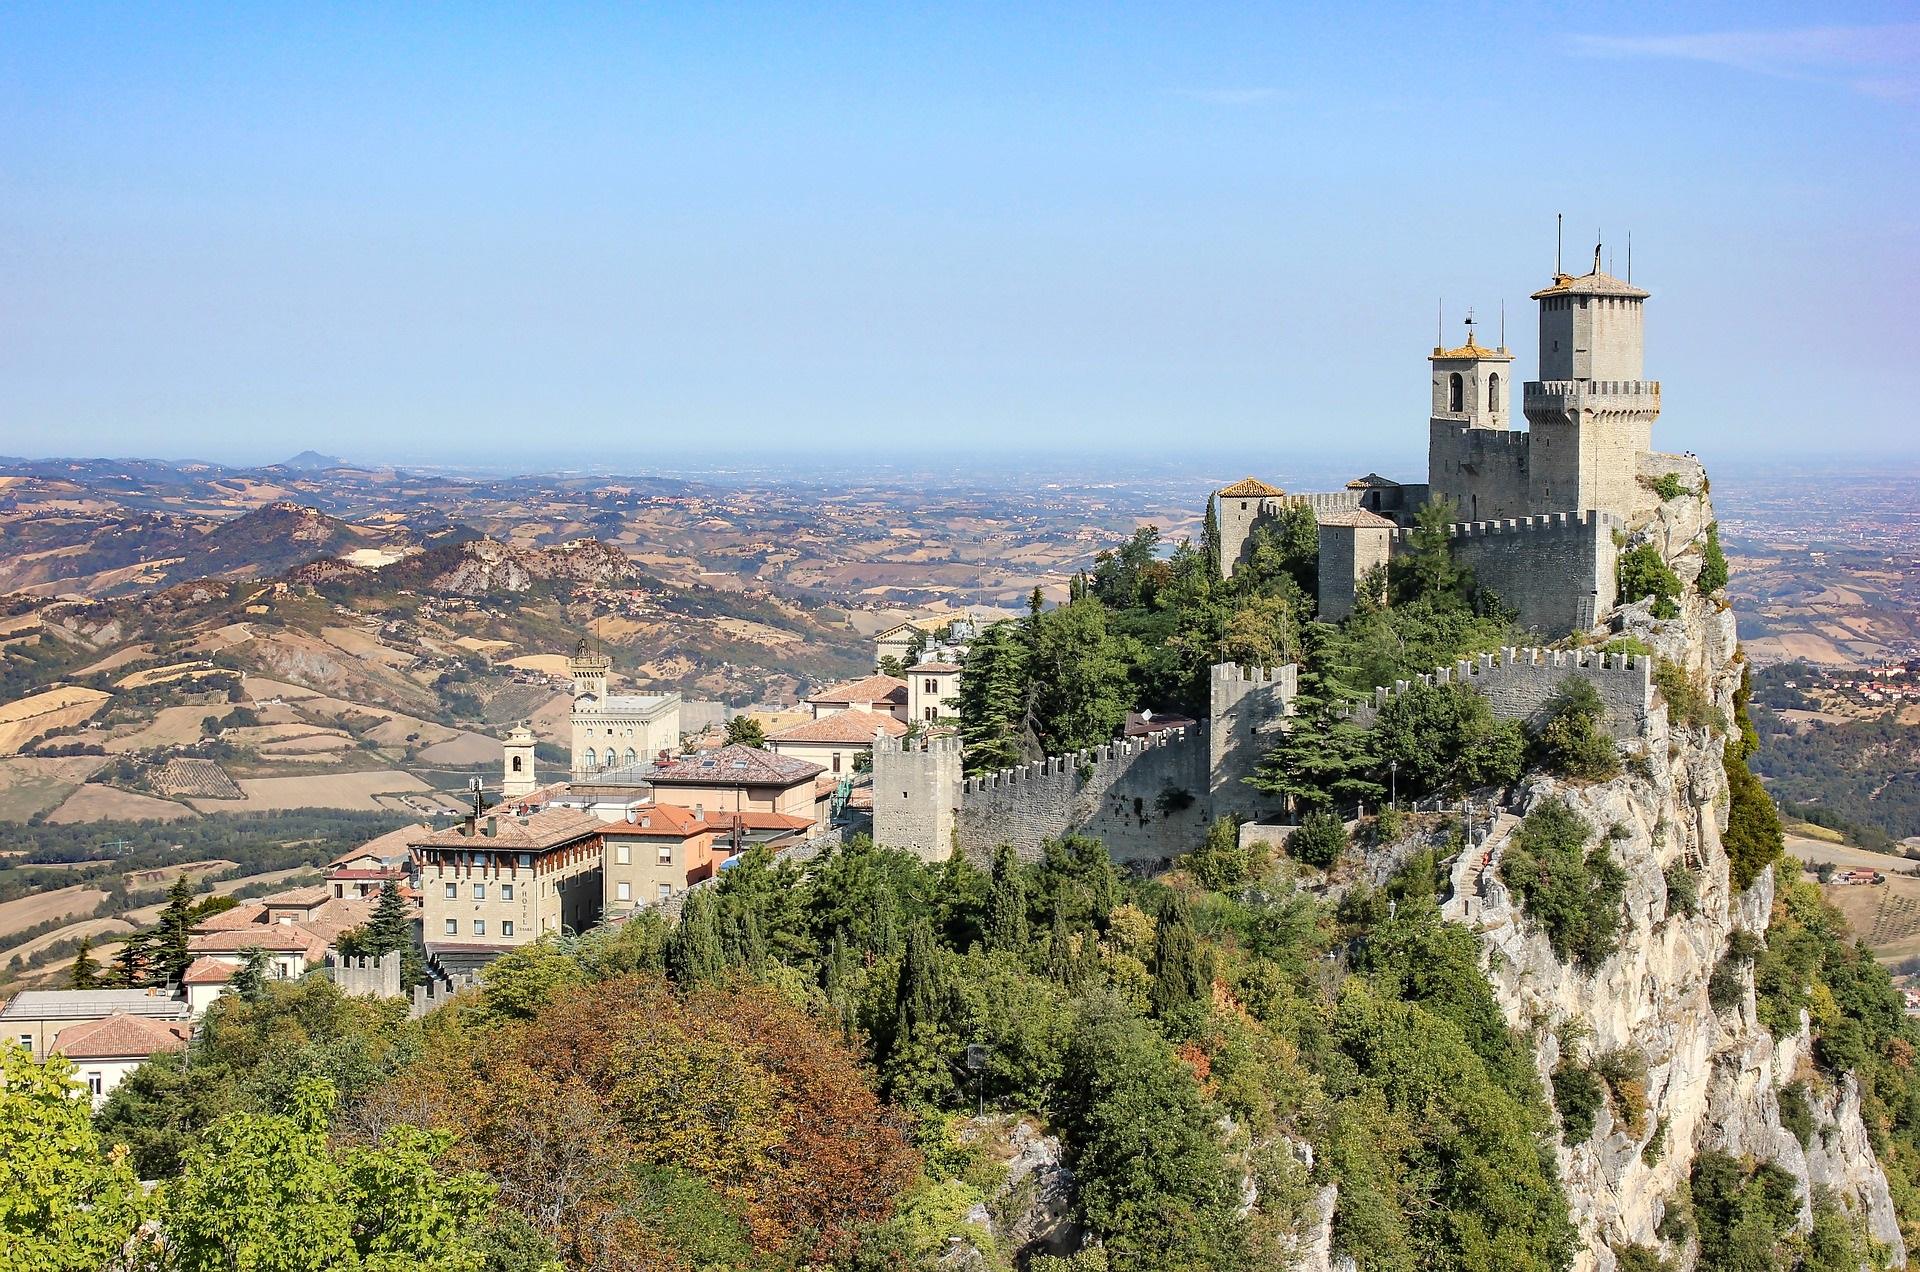 Turismo: Green Pass dei vaccinati a San Marino validi in Italia, anche se applicazione segnala errore